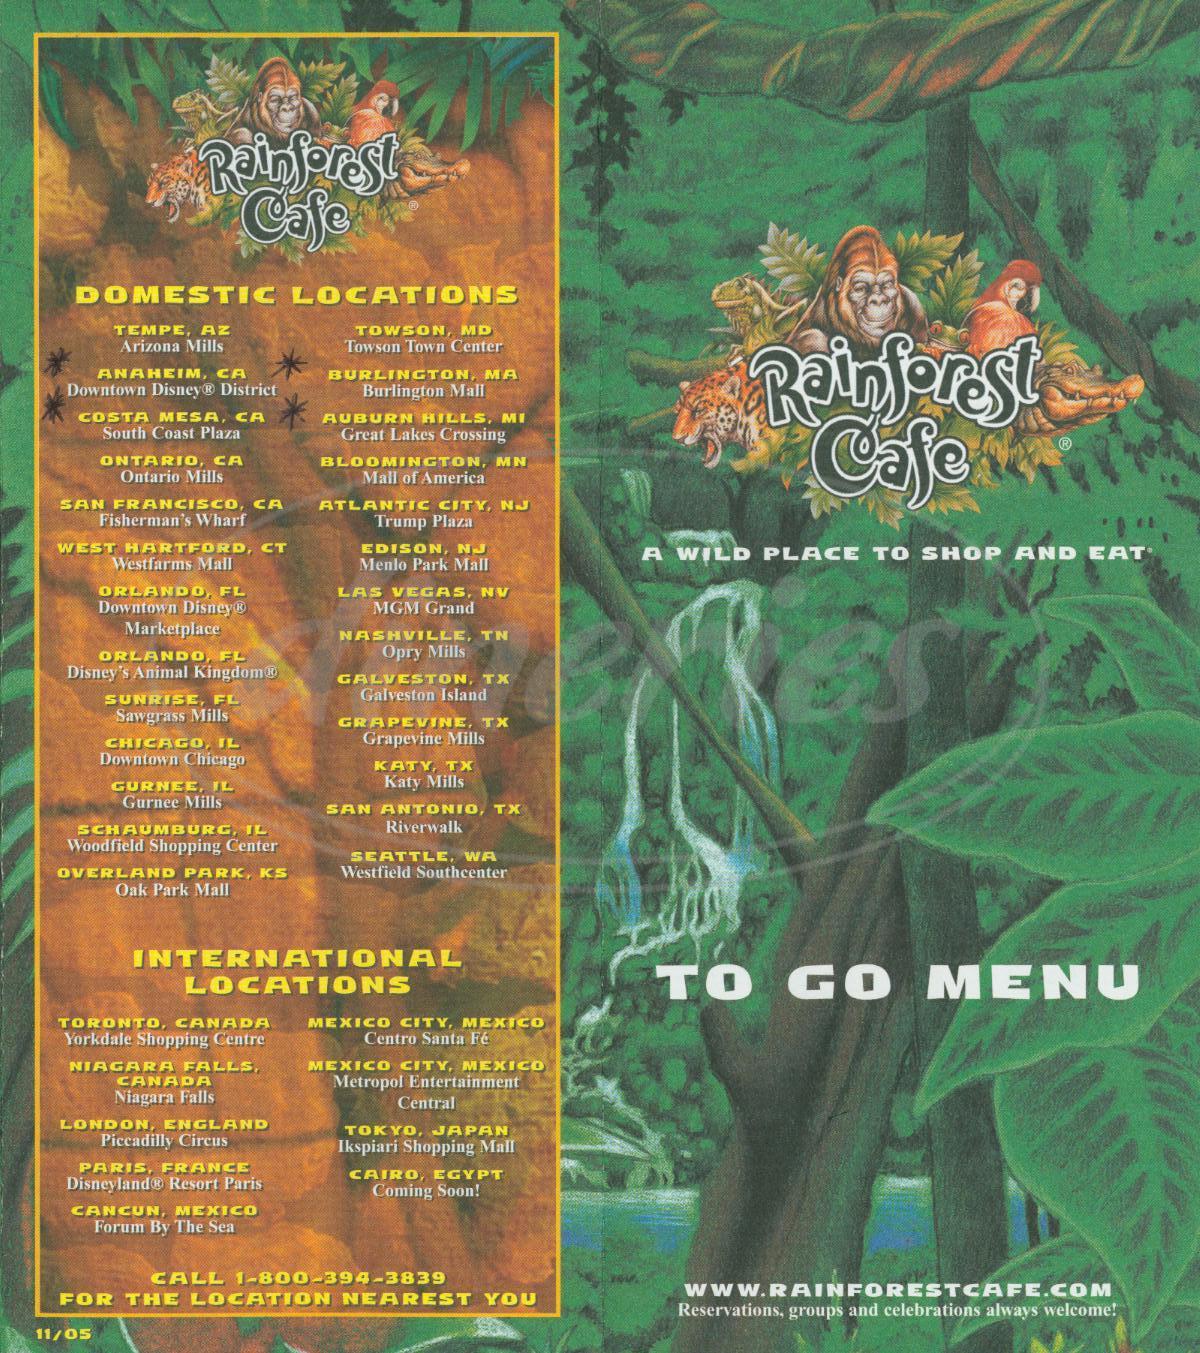 menu for Rainforest Café